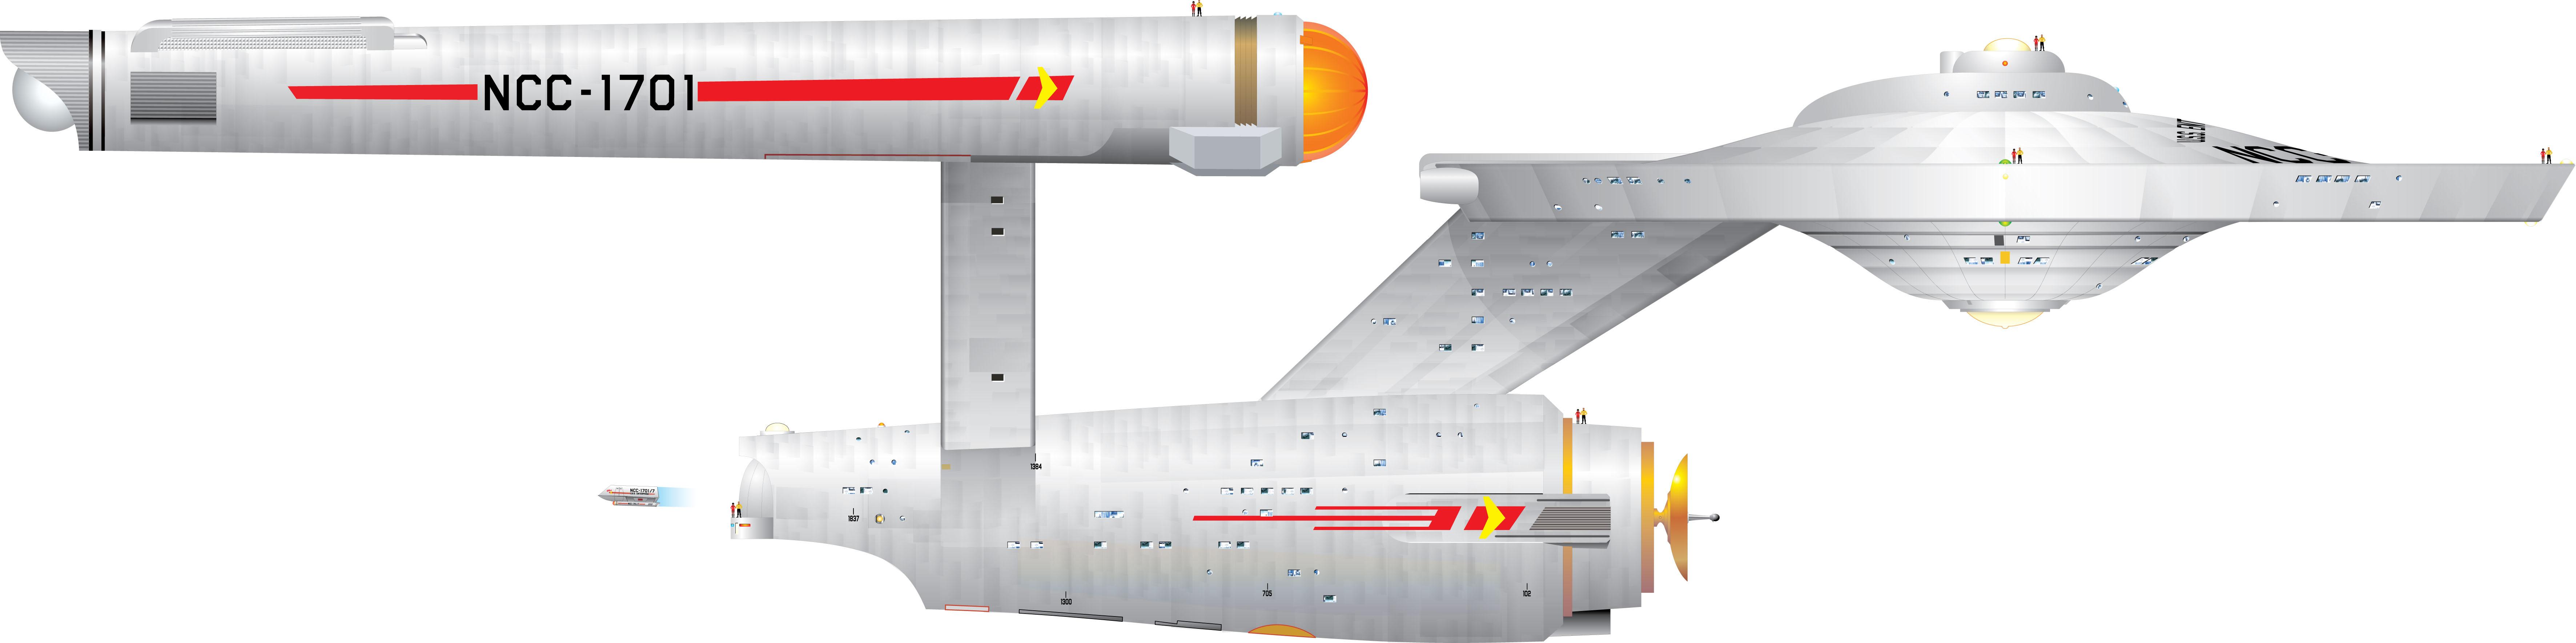 reimagined uss enterprise ncc - photo #34